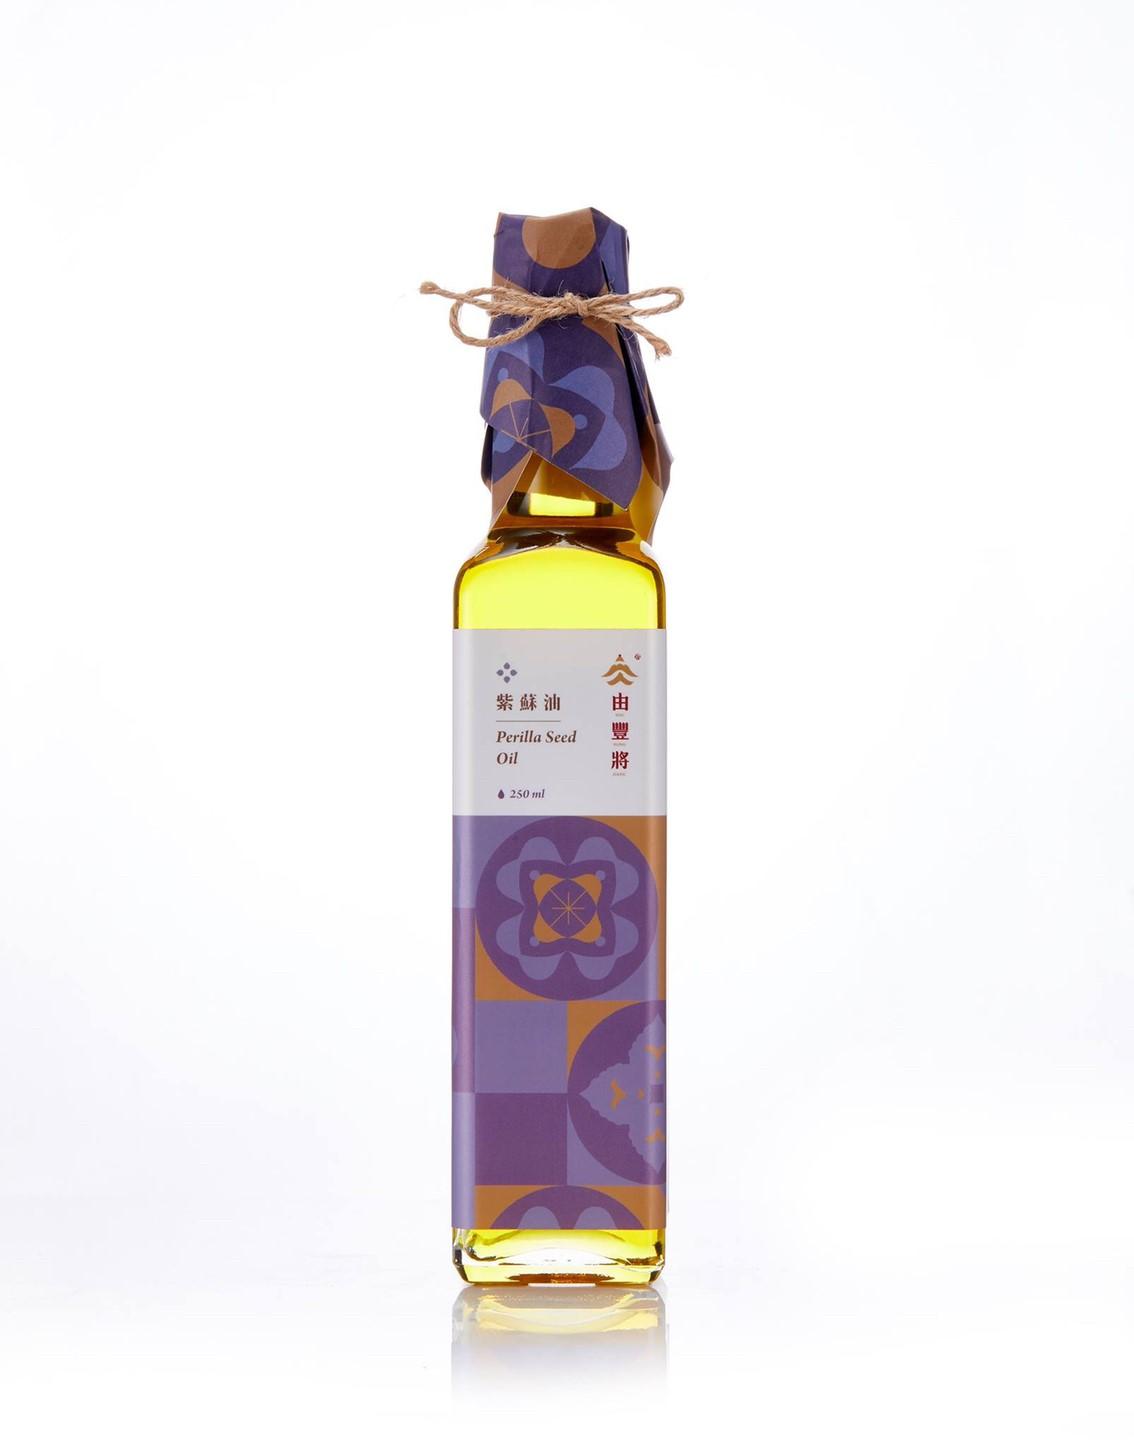 【由豐將】冷壓初榨-清香而高雅的紫蘇油